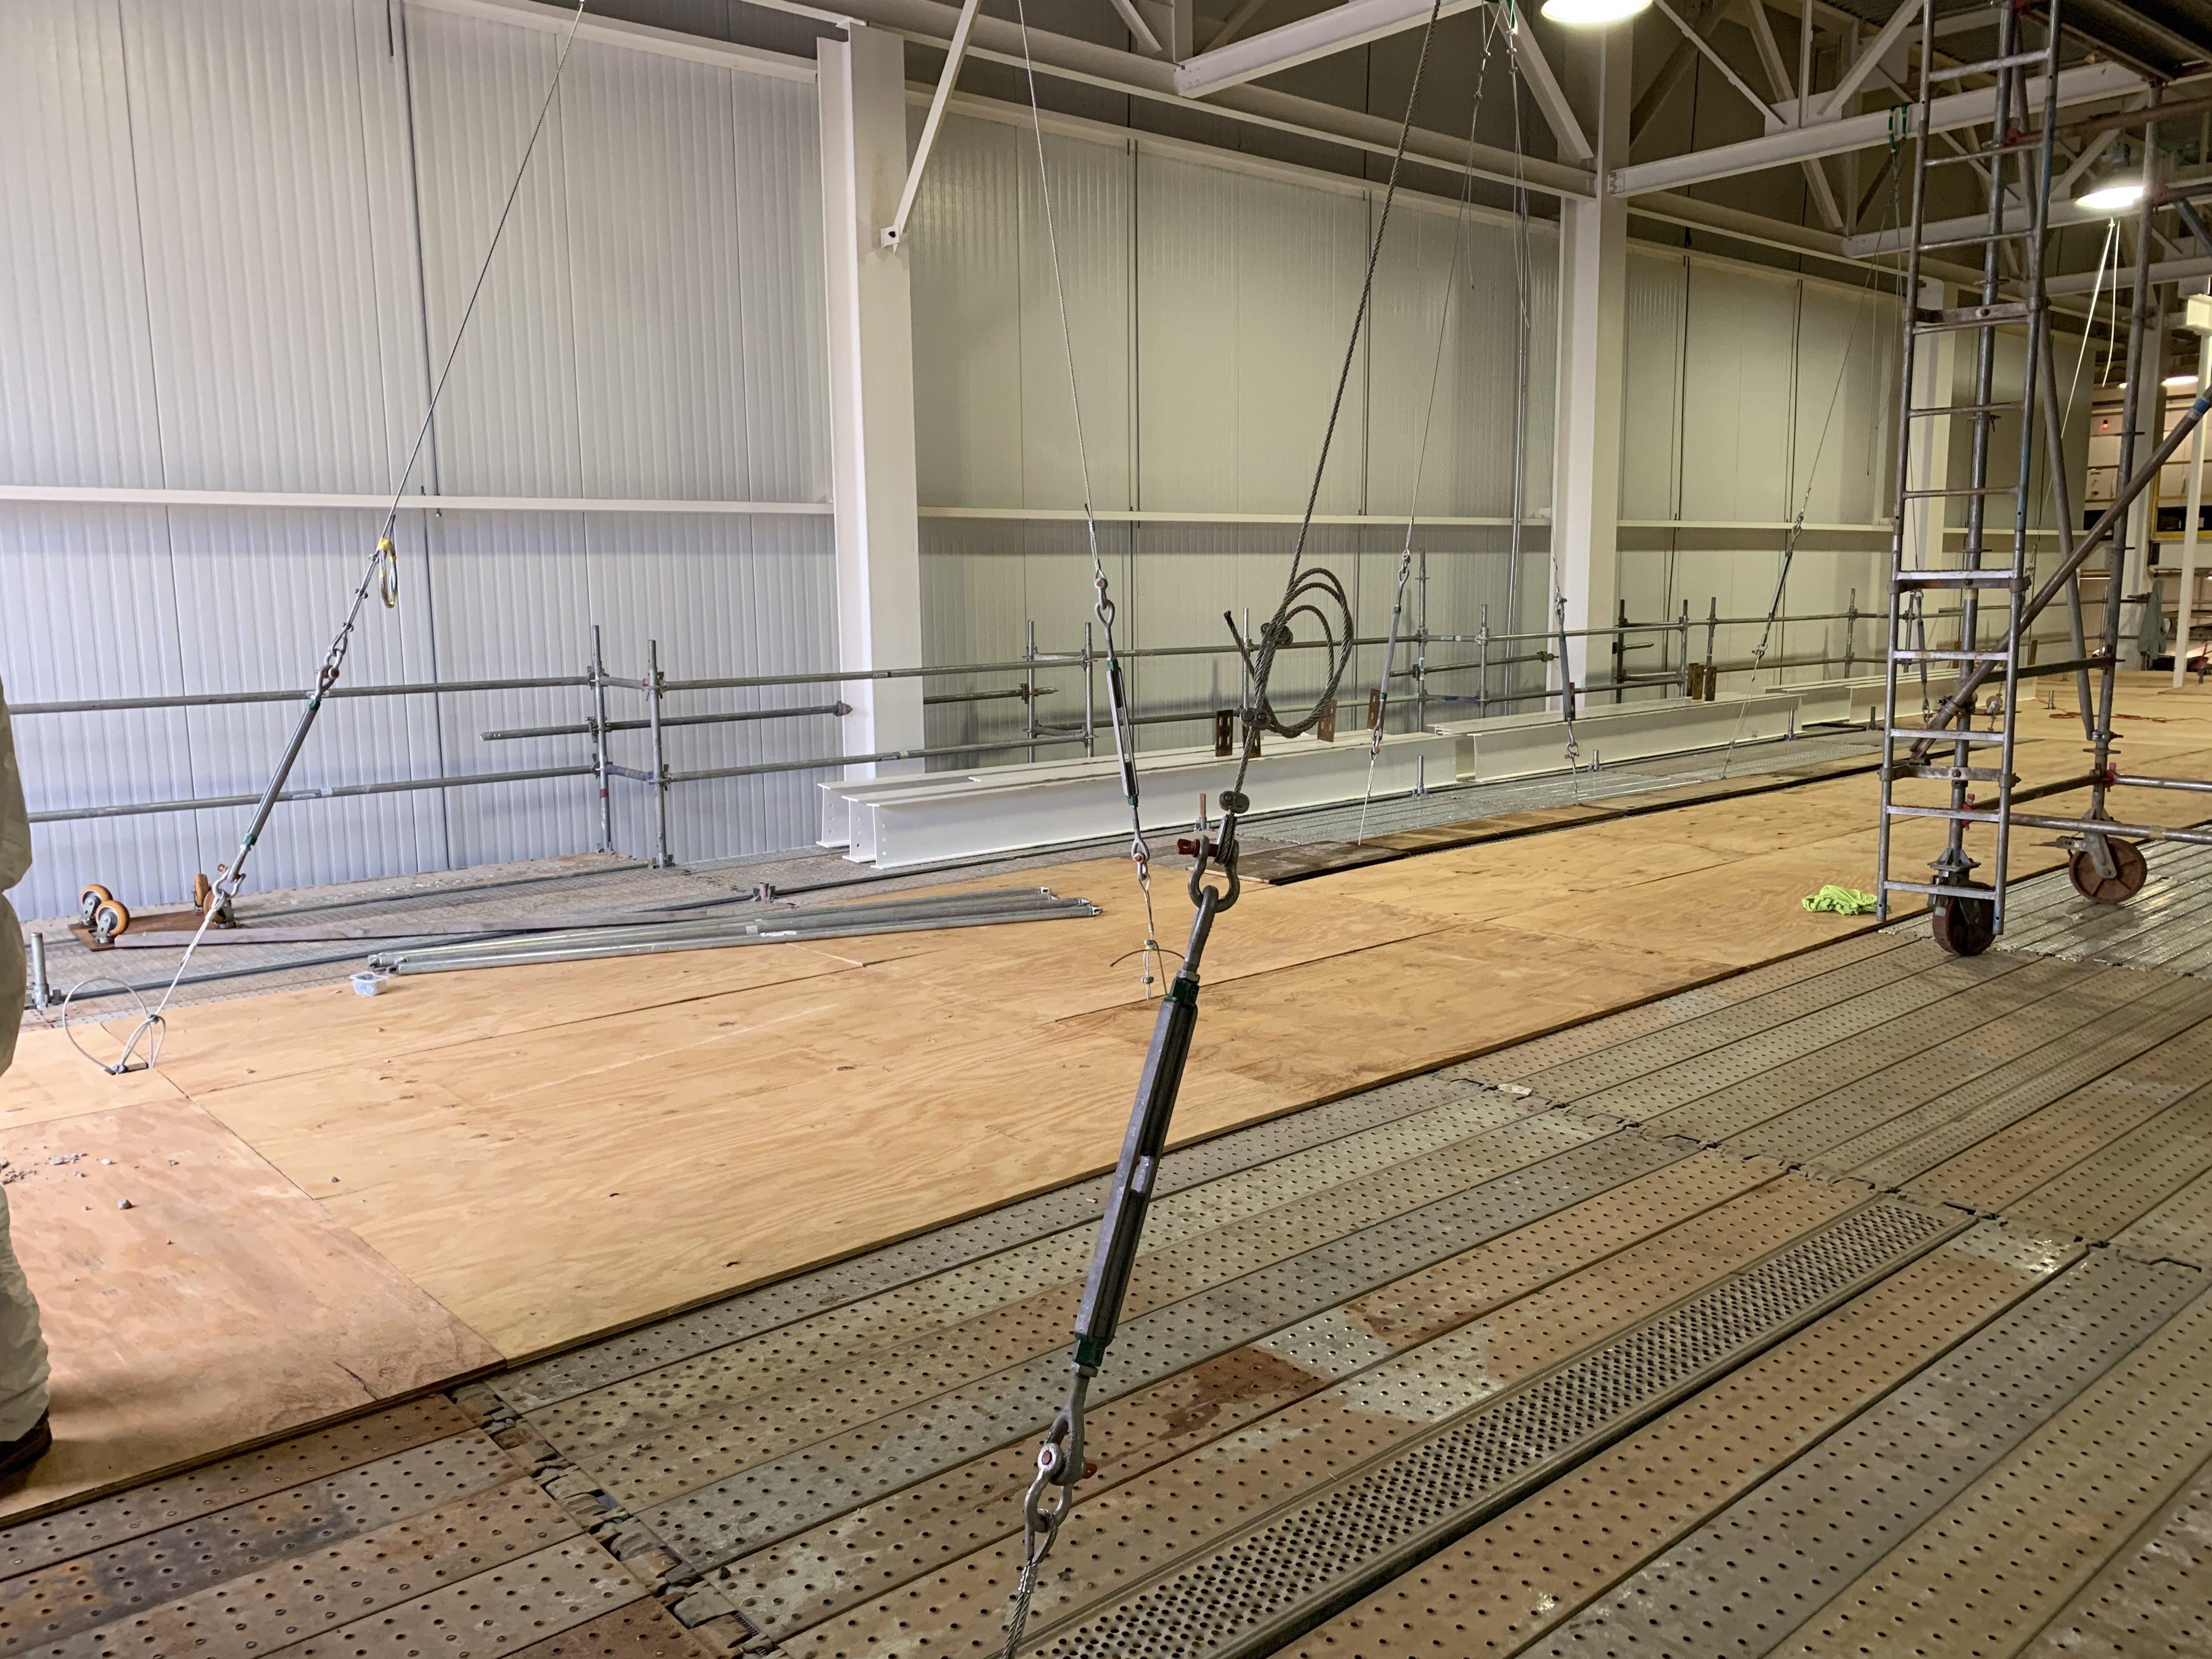 New Mezzanine in Industrial Plant scaffold 19